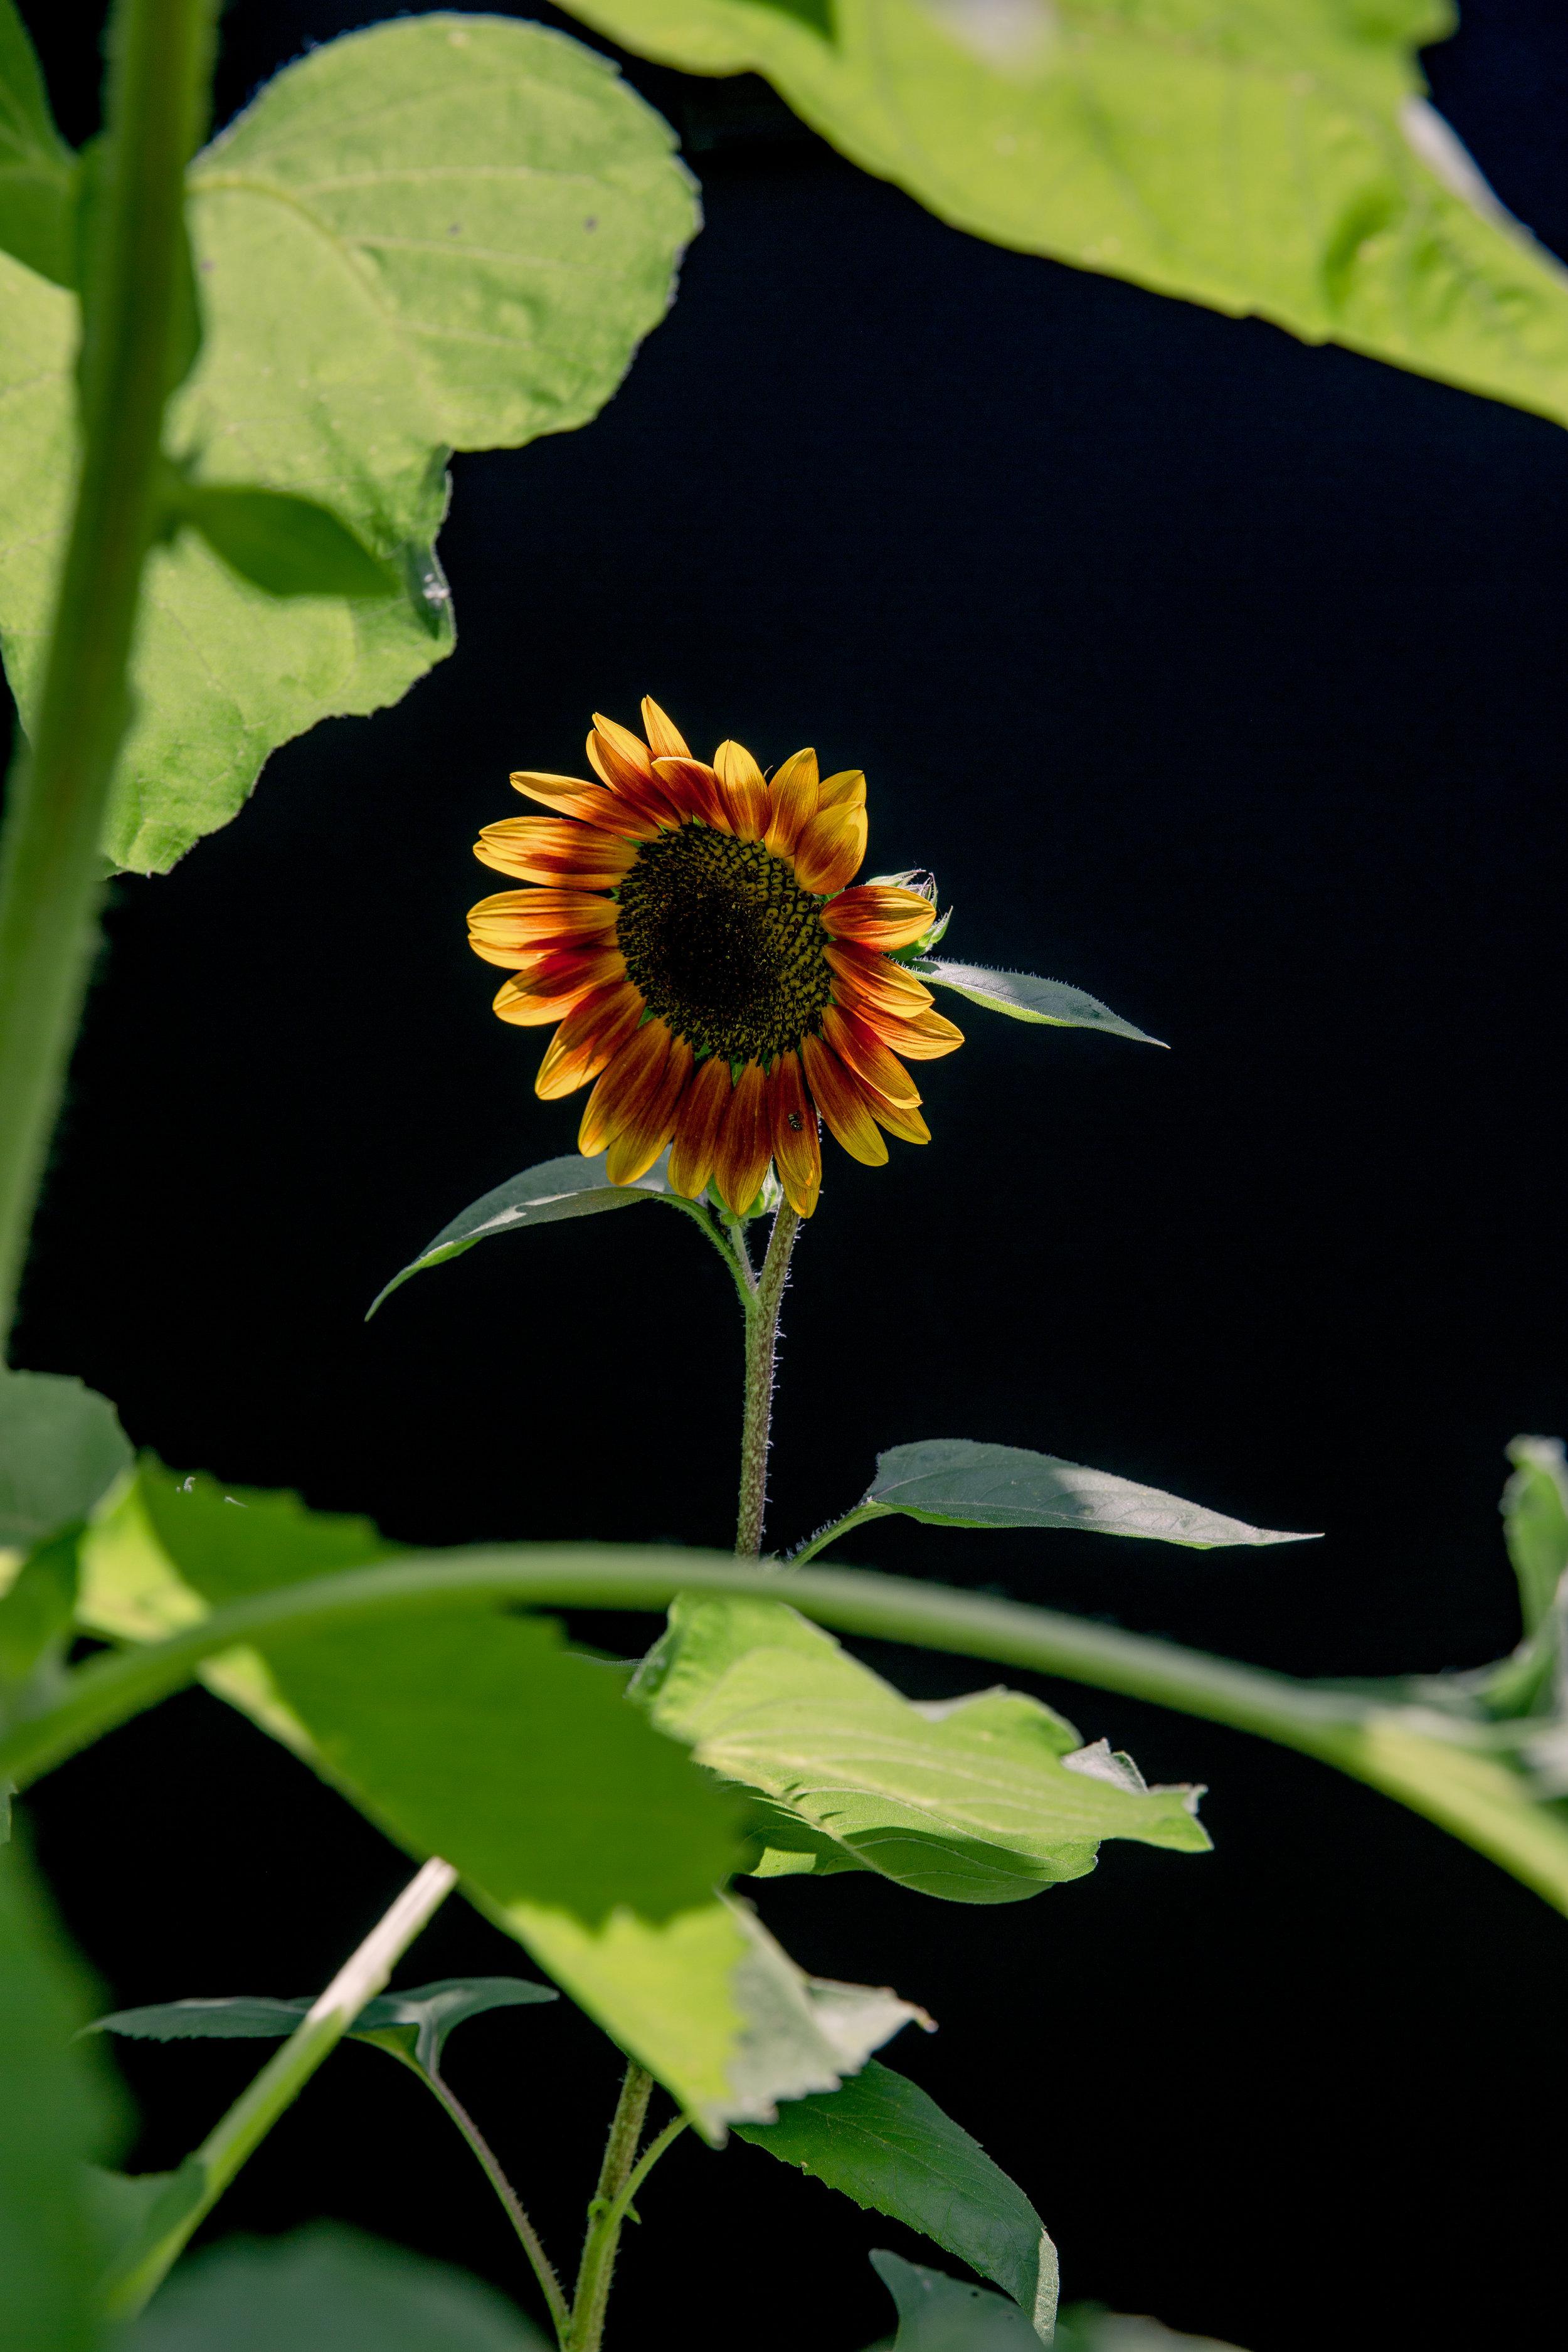 FlowersOnBlack-9.jpg